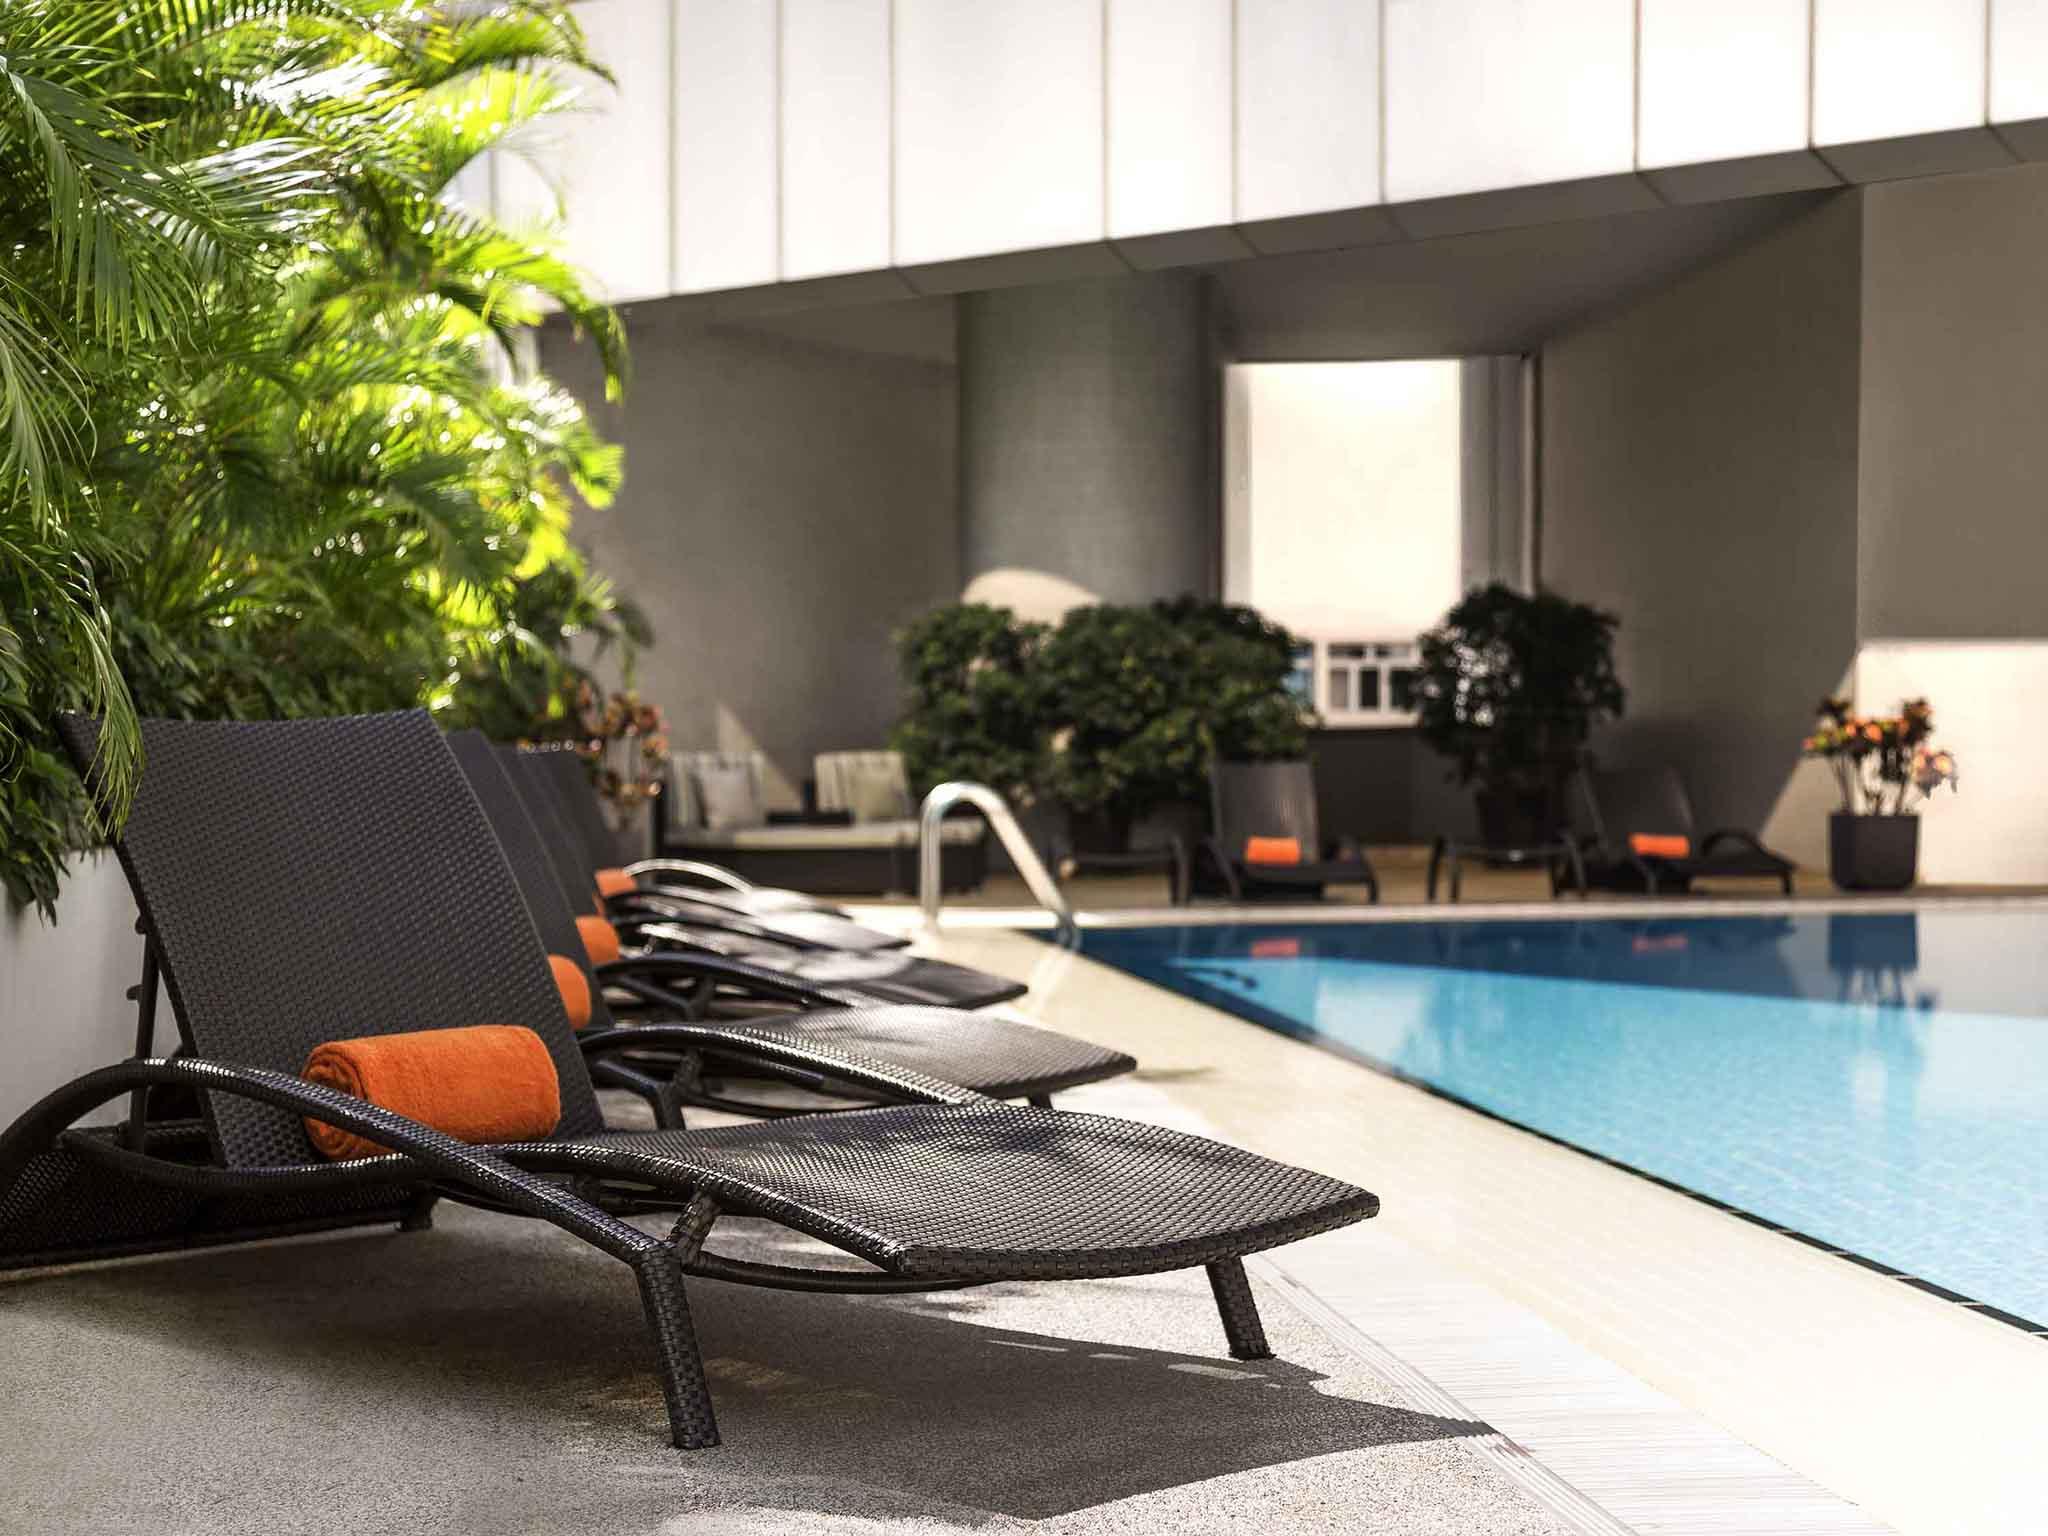 โรงแรม – โนโวเทล ฮ่องกง เซนจูรี